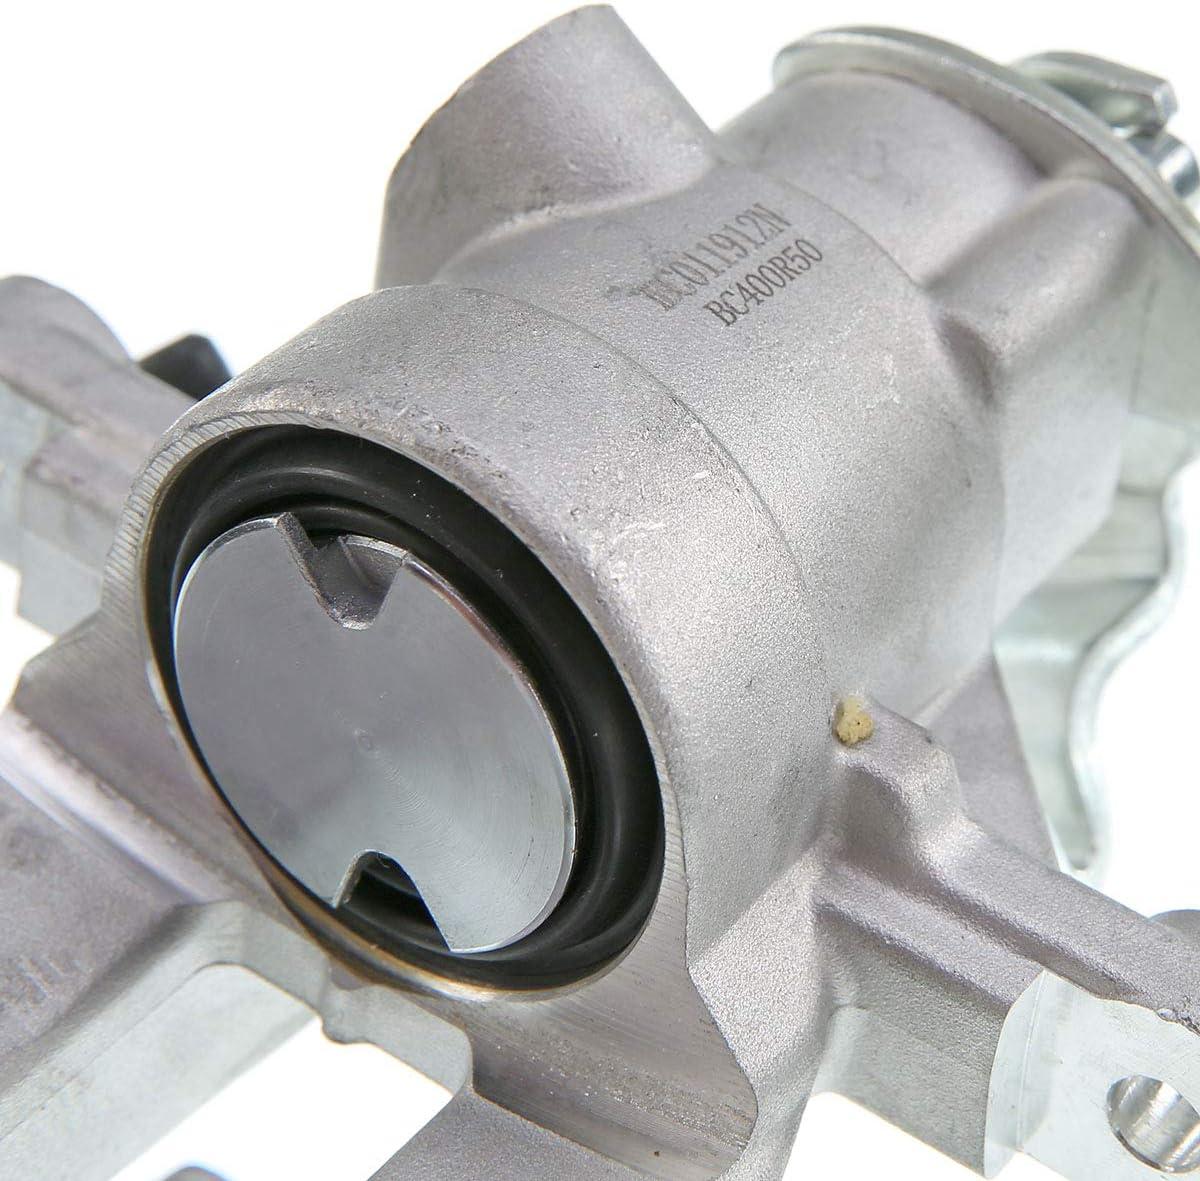 Brake Caliper Rear Right for C4 Coupe C4 I LA/_ LC/_ 307 307 Break 3A C 3E SW 3H 2004-2005 343659